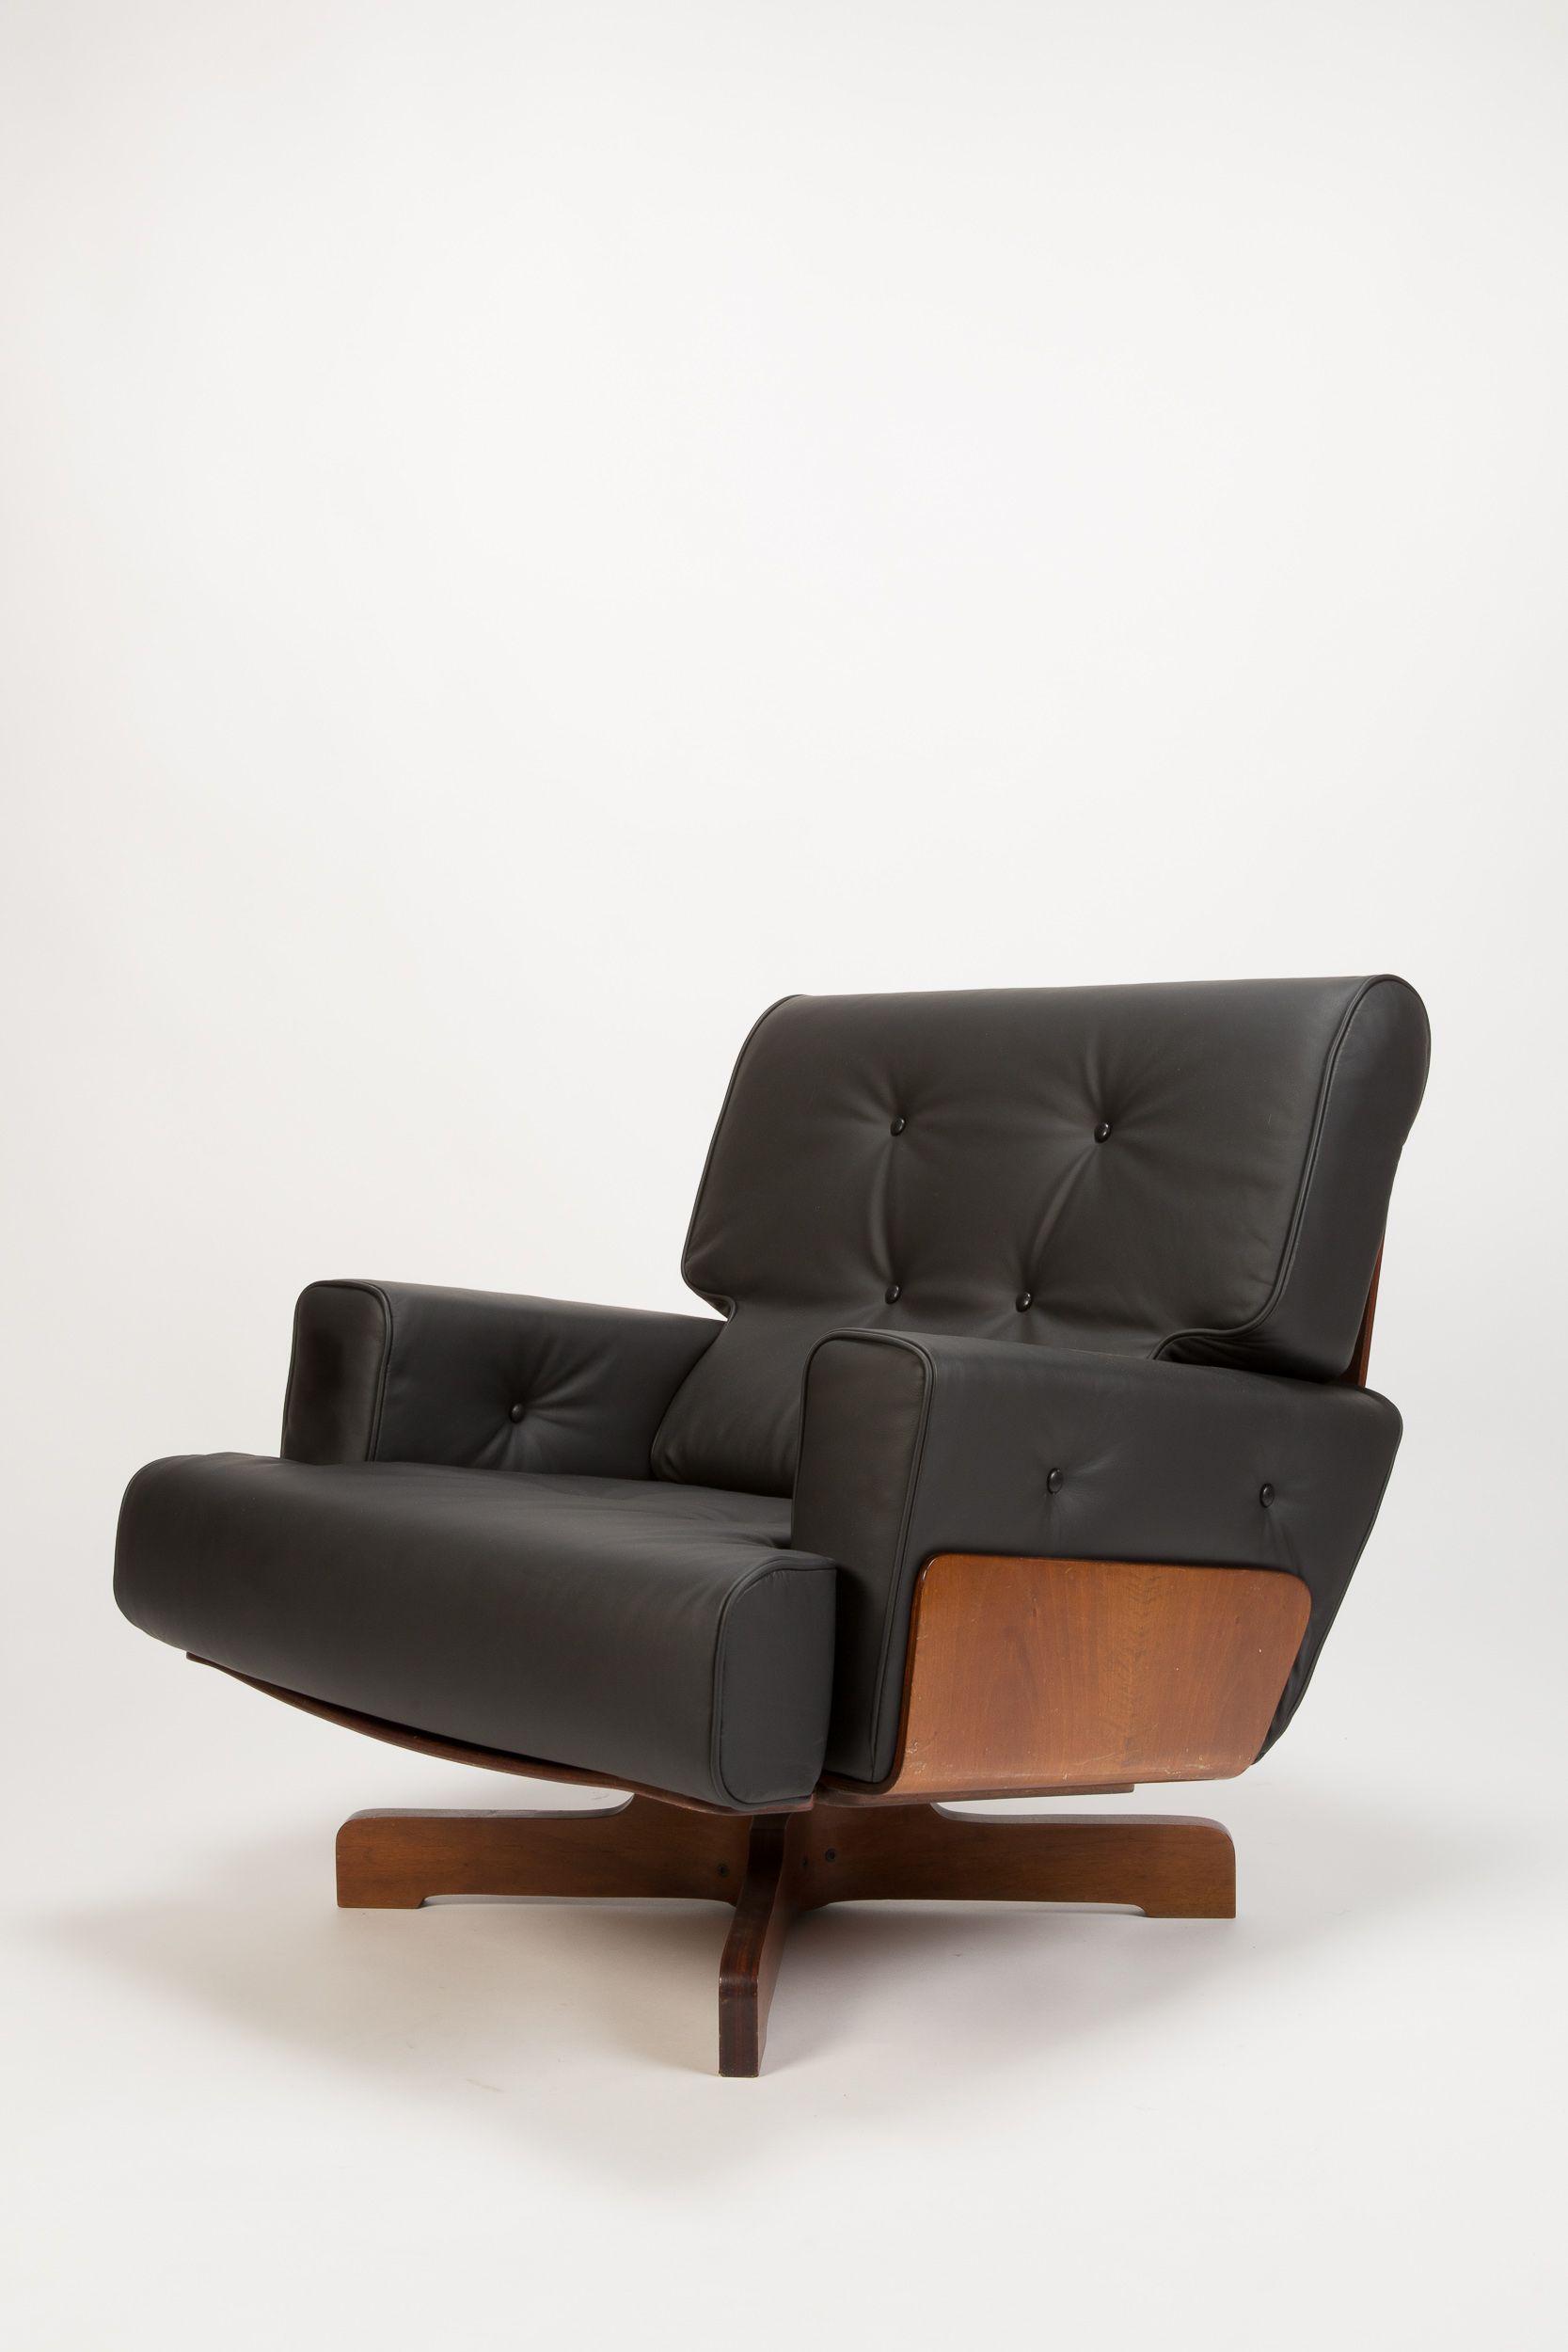 Italian Lounge Chair 70 Cinova Lounge Chair Eames Lounge Chair Chair